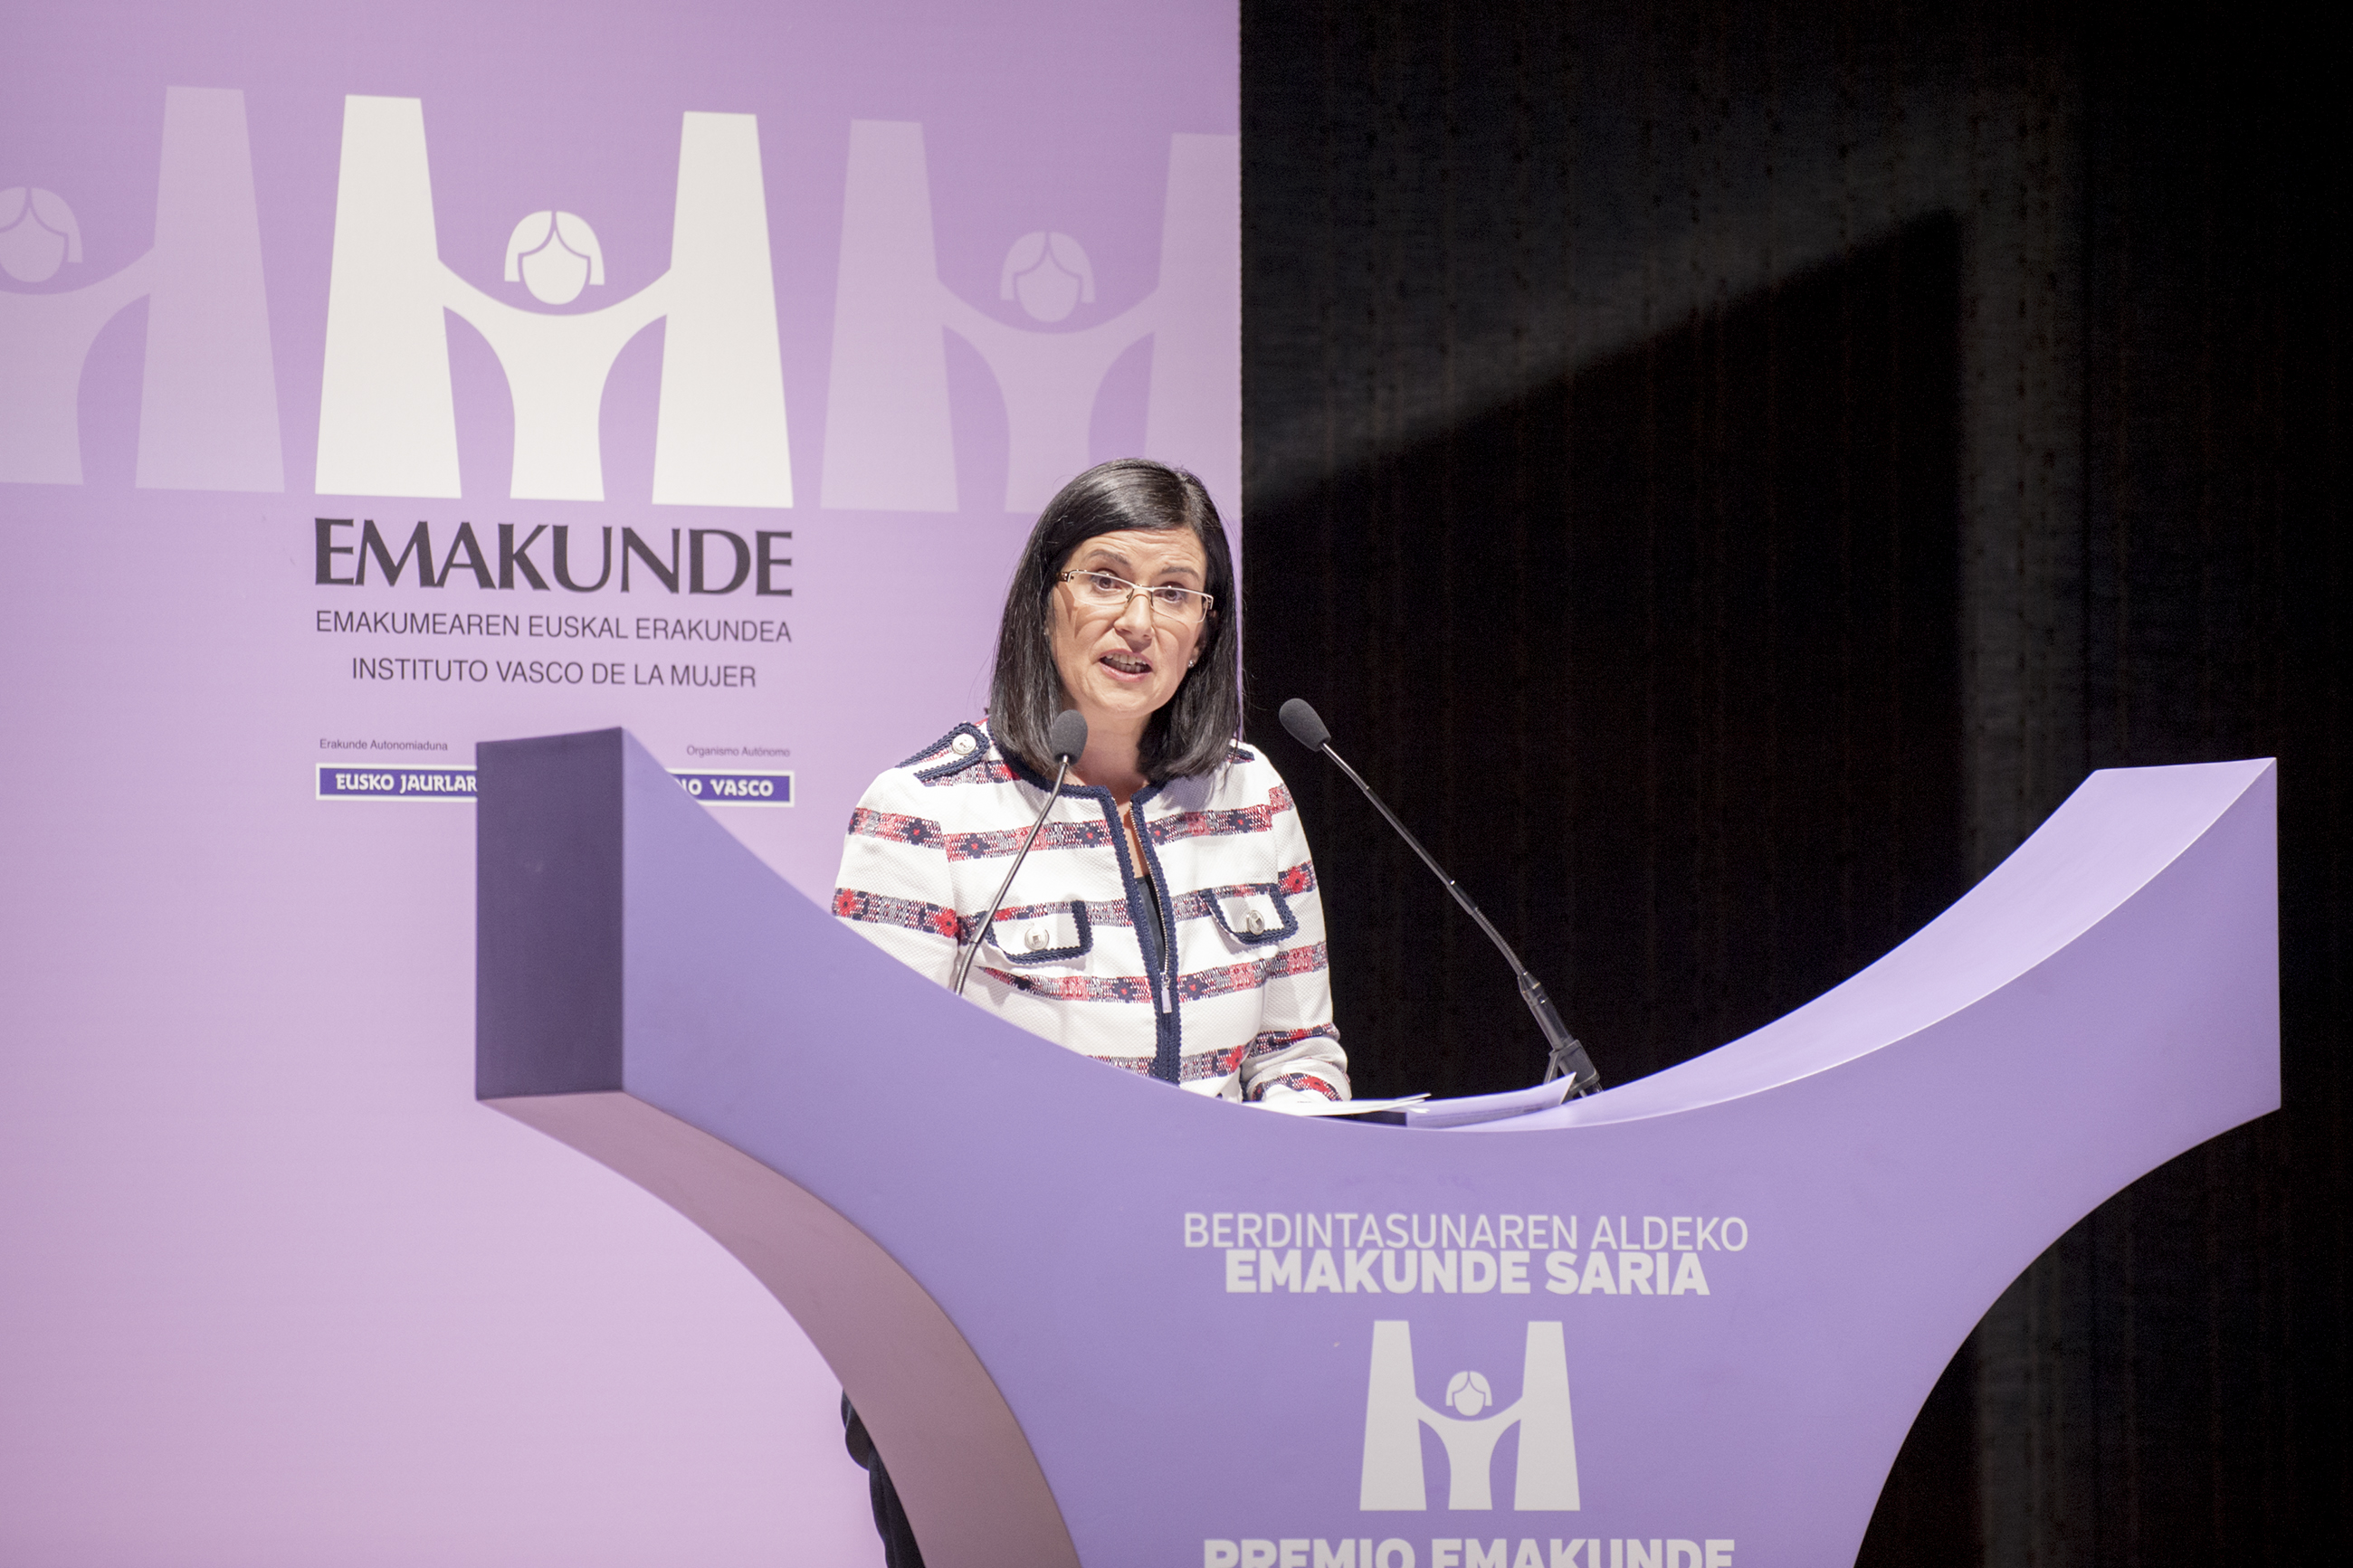 EMAKUNDE Reconoce la contribución de la sociedad vasca a la igualdad en su 30 aniversario